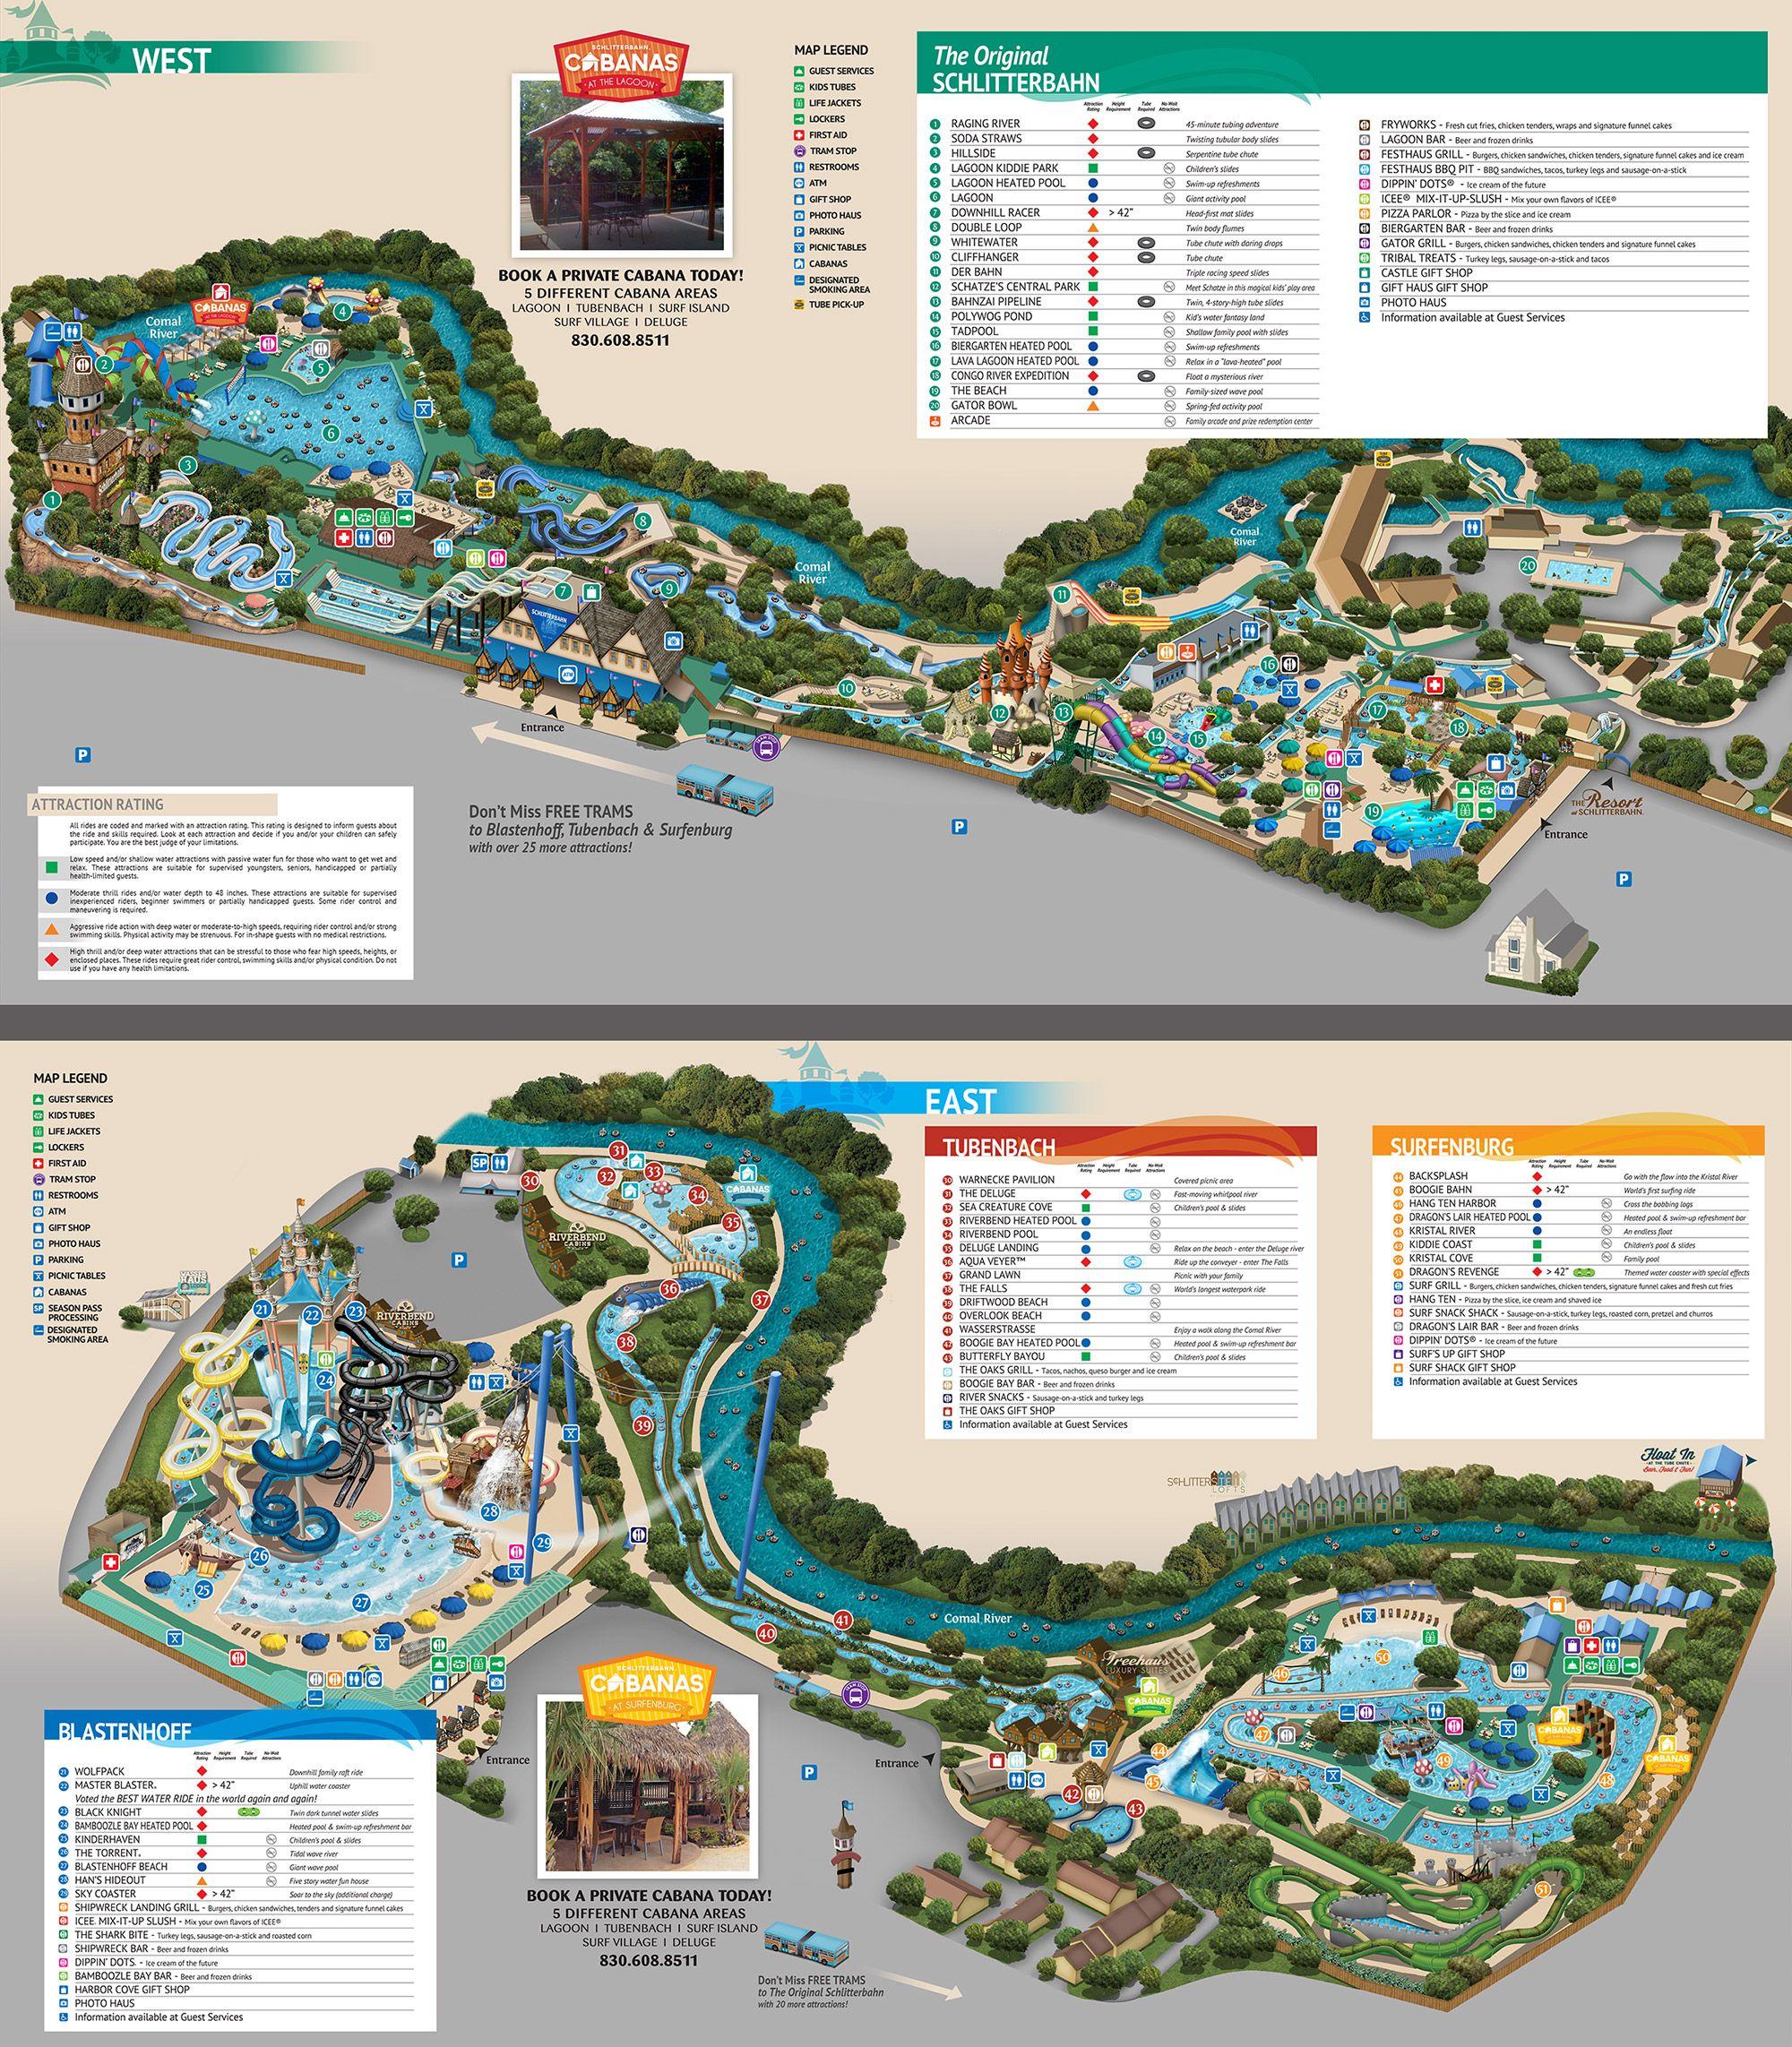 Schlitterbahn New Braunfels Map New Braunfels Park Map Texas